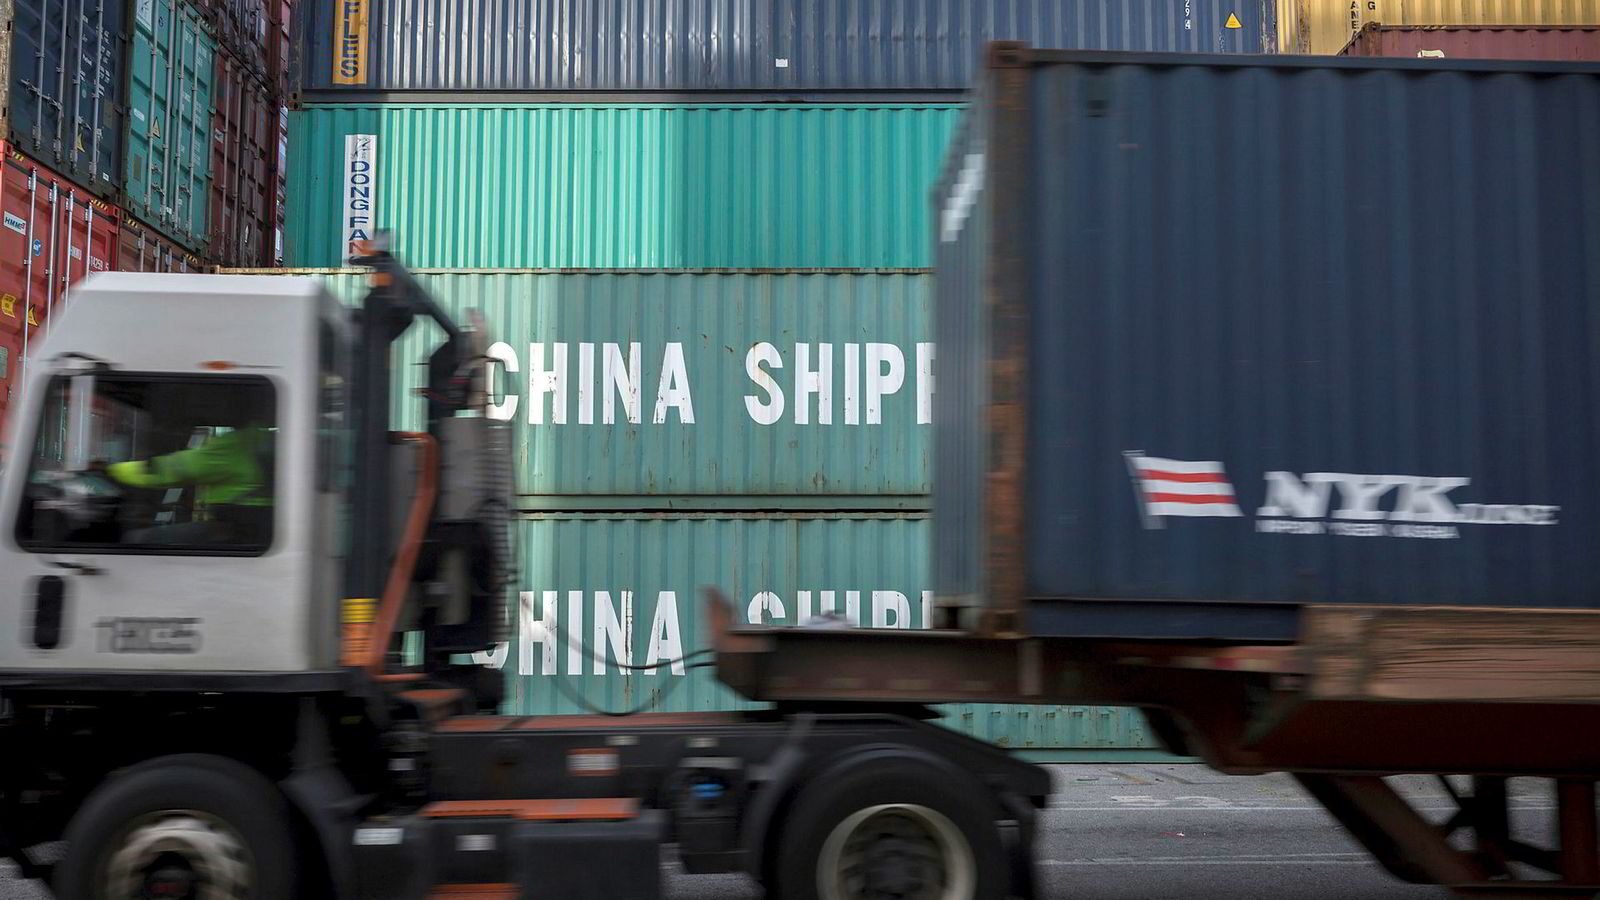 Kina og USA er verdens to største økonomier. Derfor påvirker det bilaterale handelsforholdet ikke bare disse to landene, men også resten av verden, skriver artikkelforfatteren.